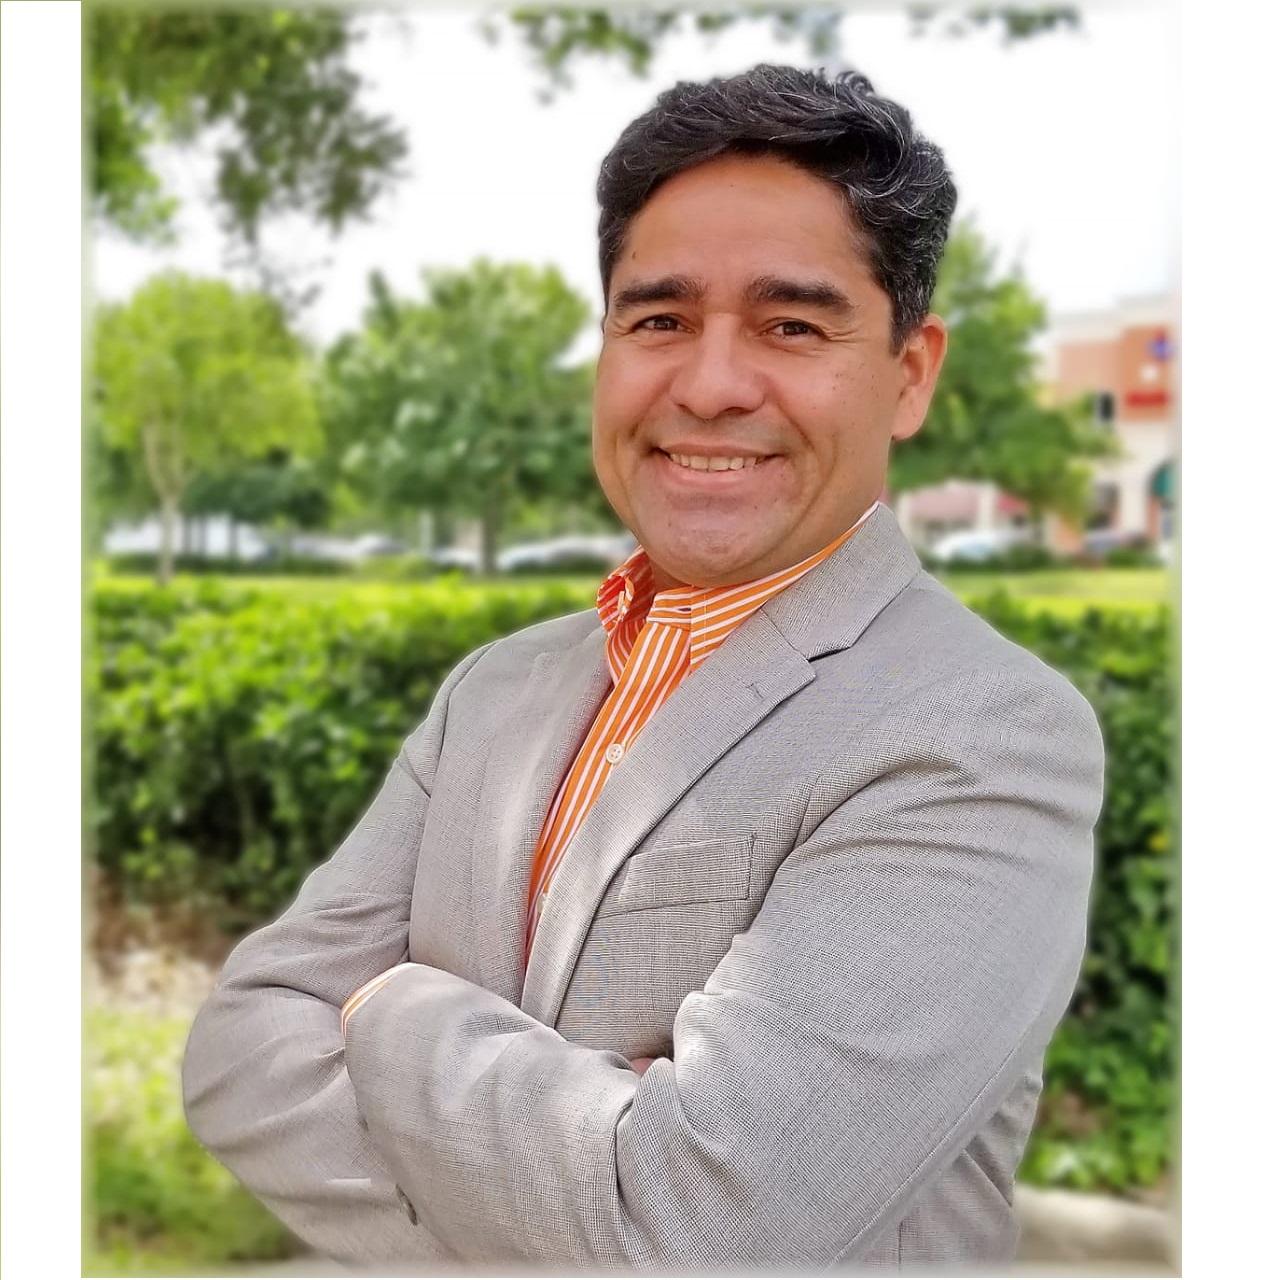 ELIONALDO MORAES JR.